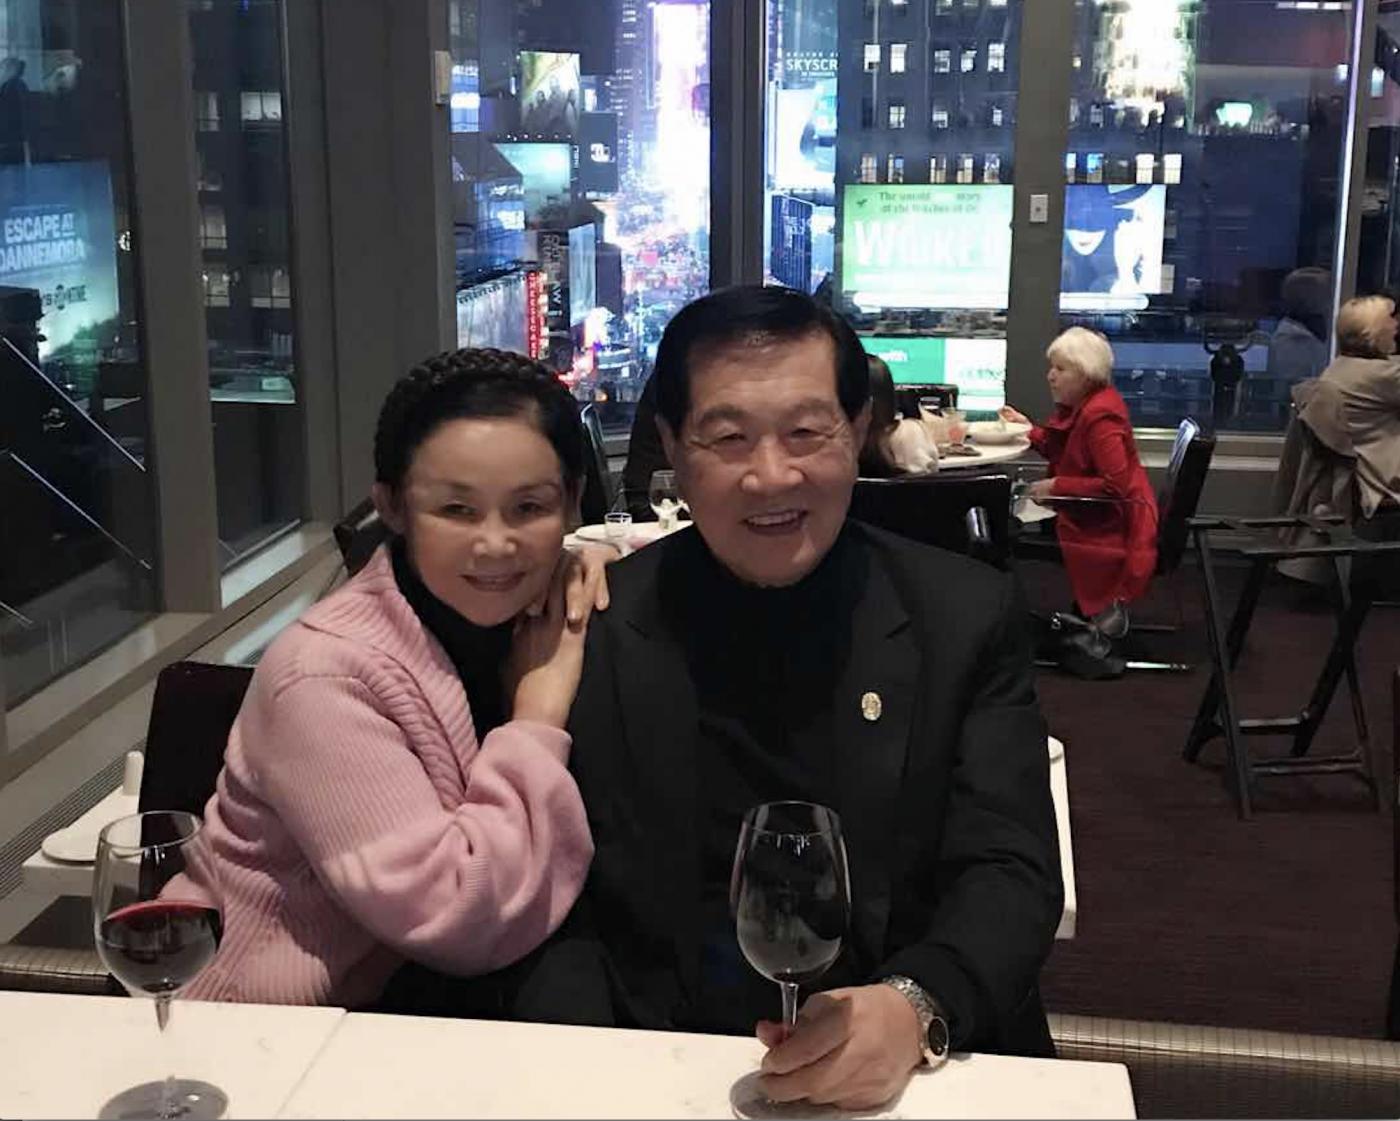 国际刑侦大师李昌钰博士终于结婚了!_图1-3